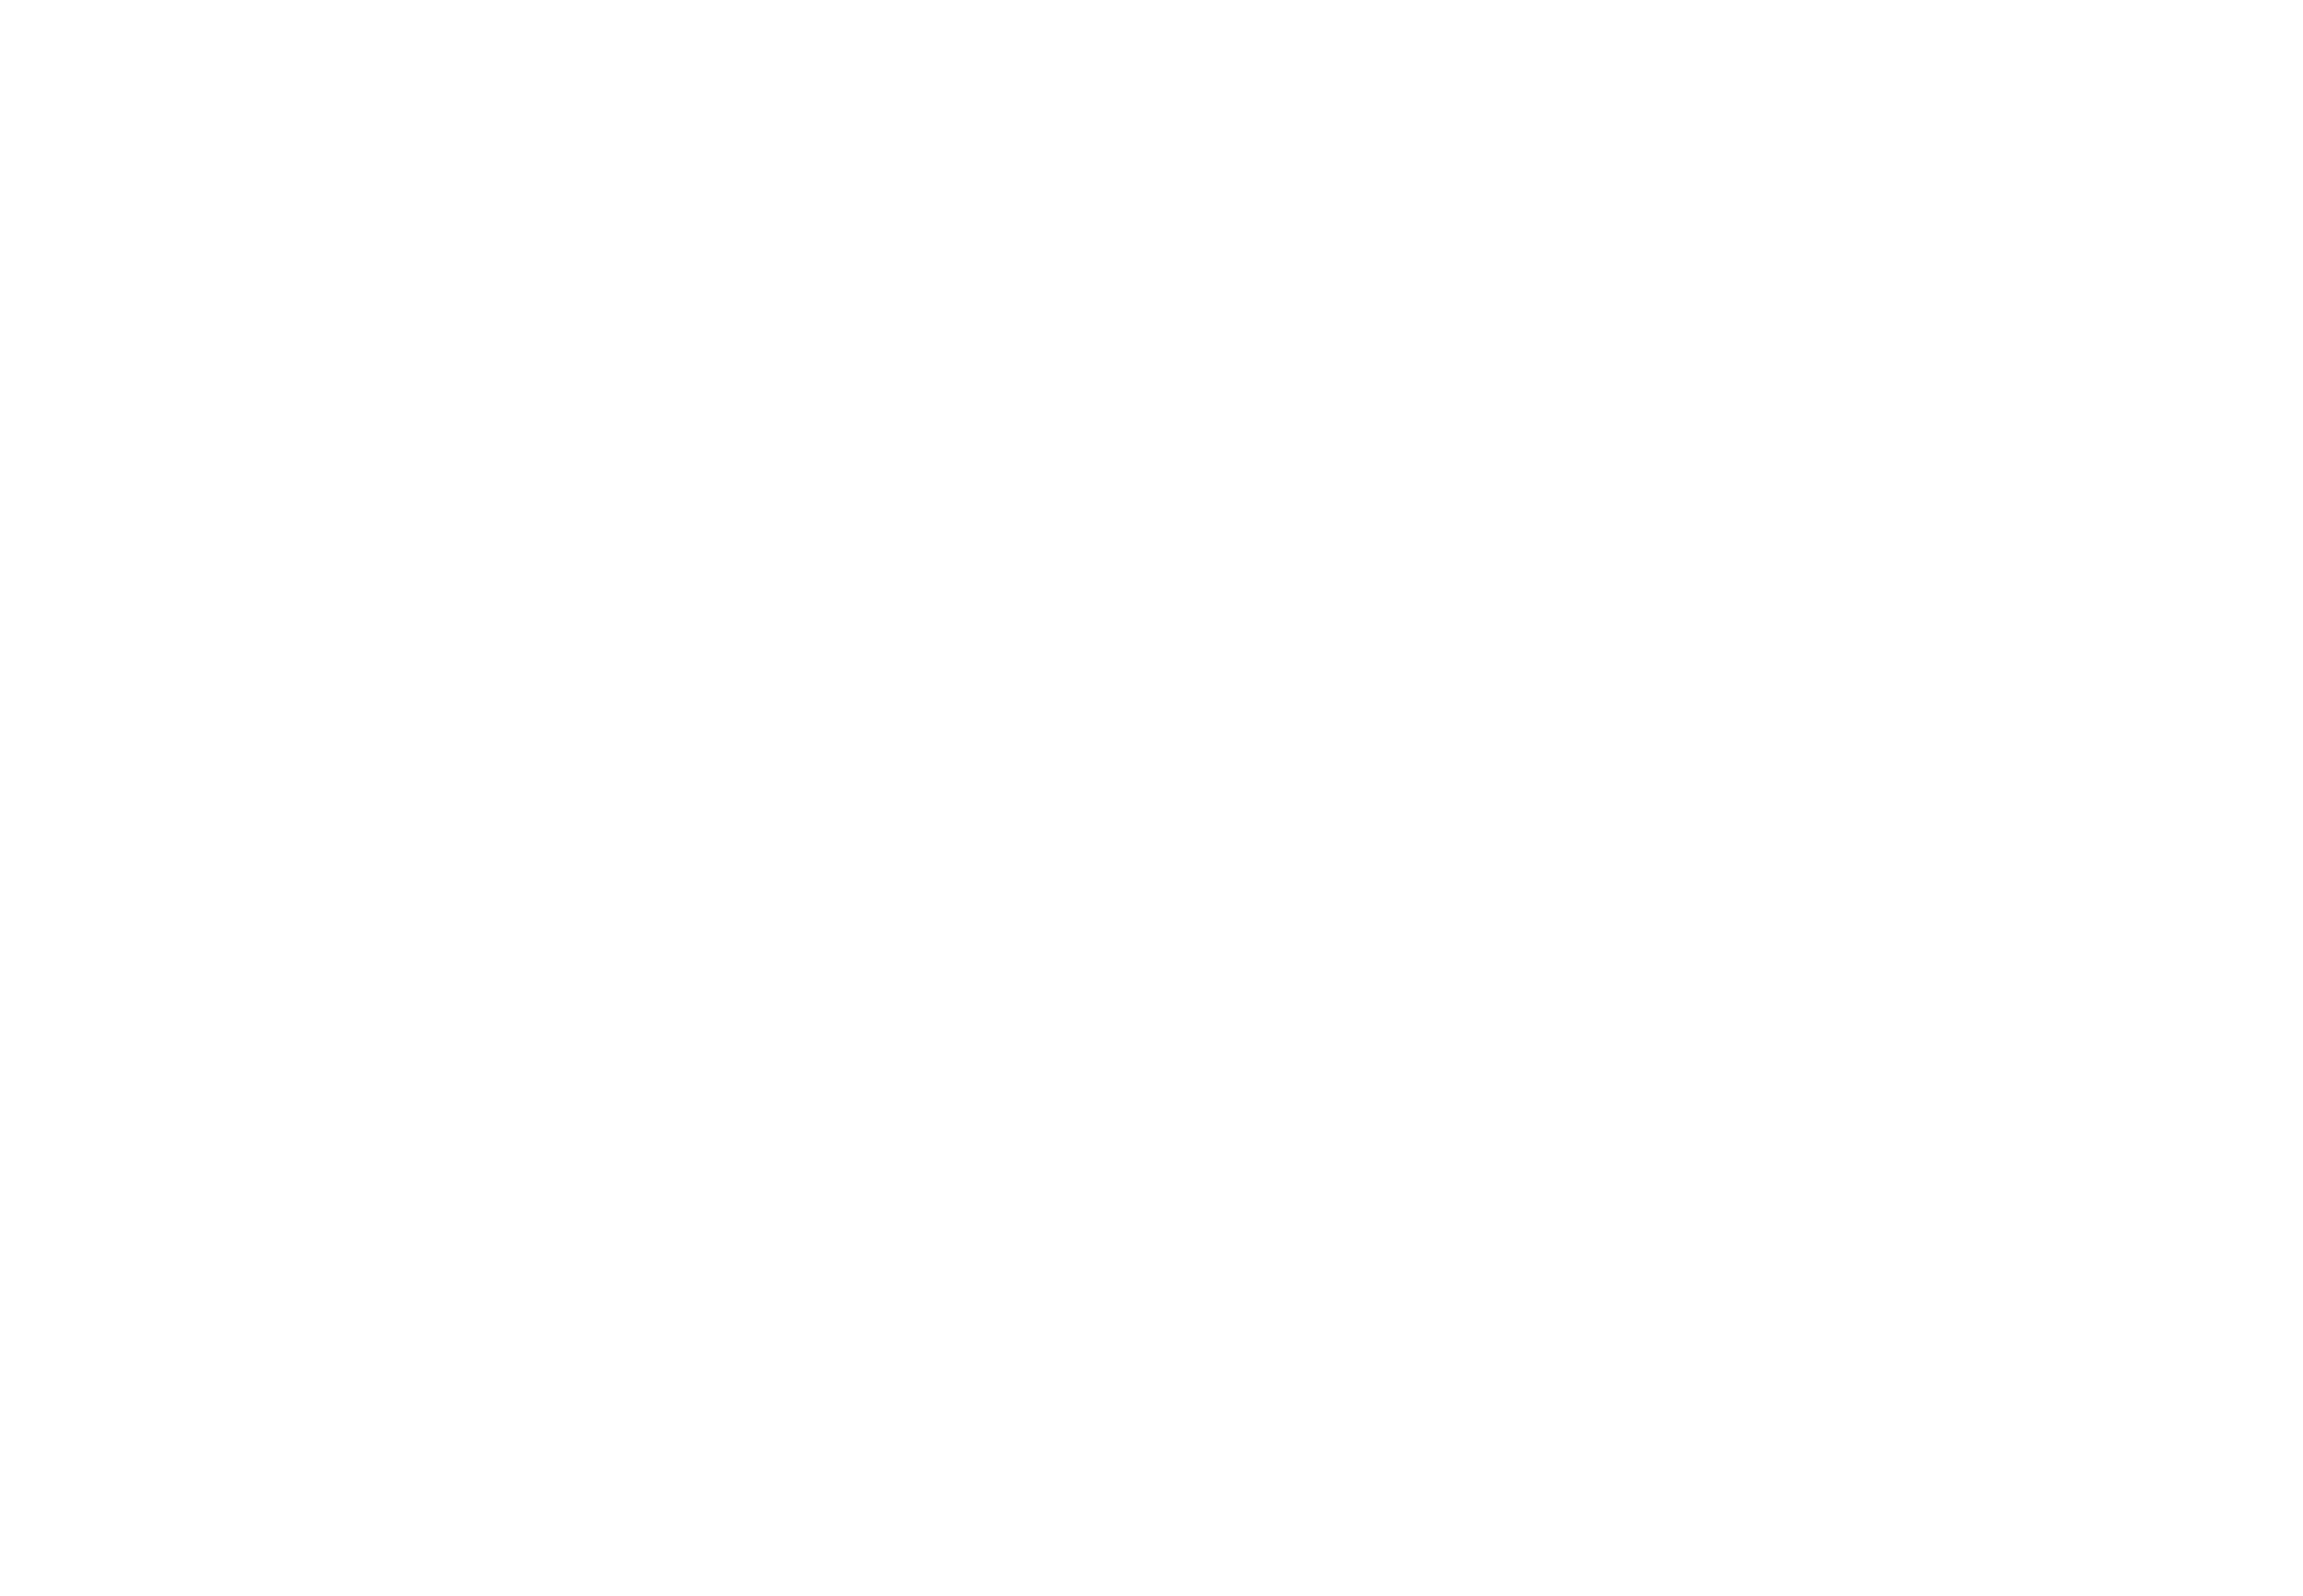 lettering_white